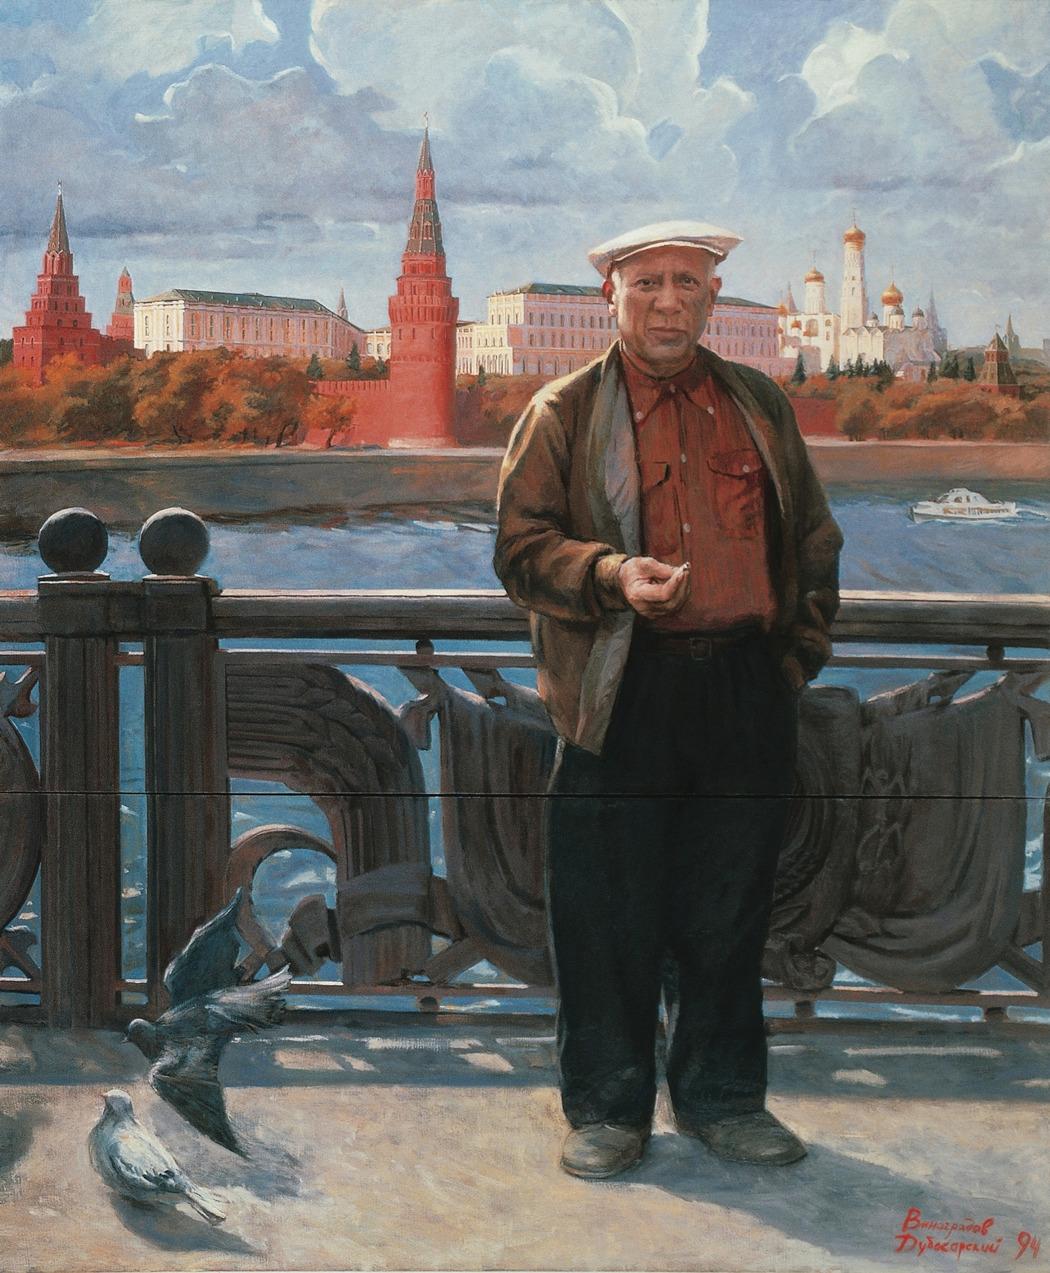 «Пикассо в Москве». Александр Виноградов и Владимир Дубосарский, 1994 г.